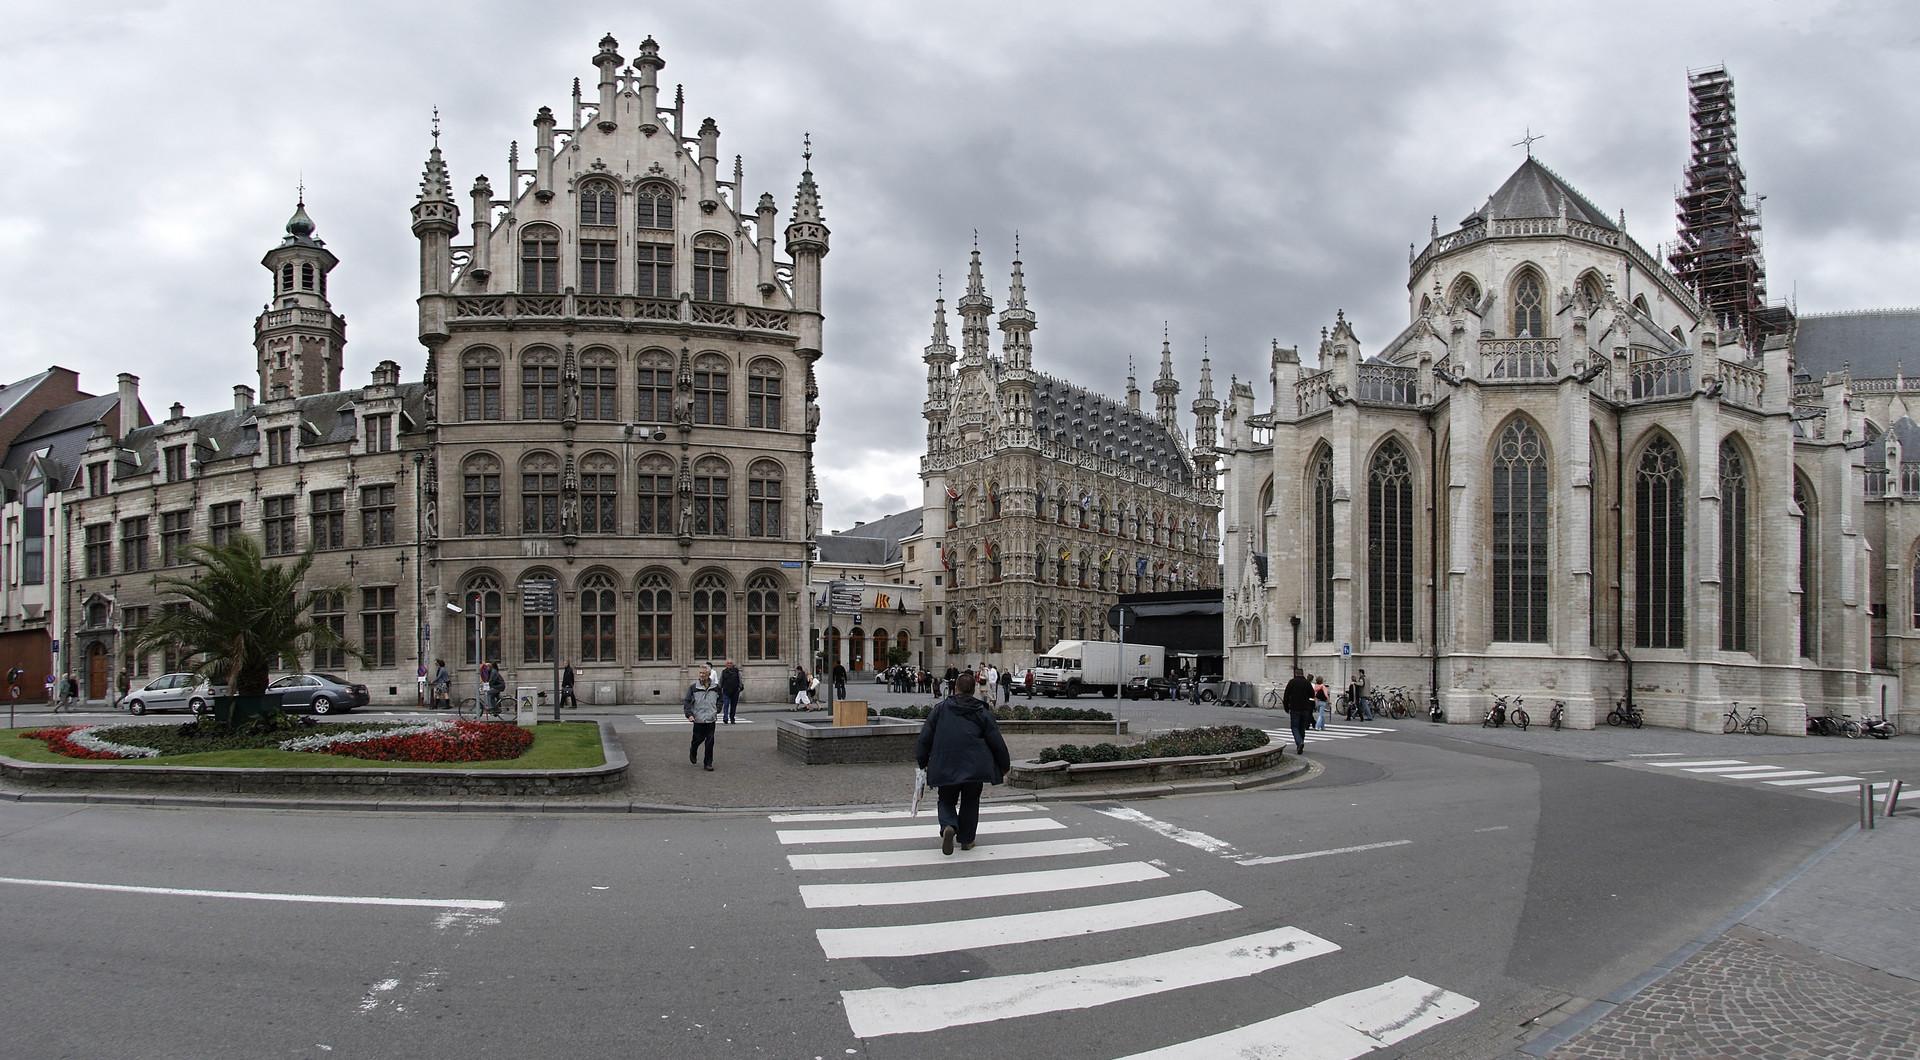 Esperienza di Marguerite all'Università Cattolica di Louvain, Belgio